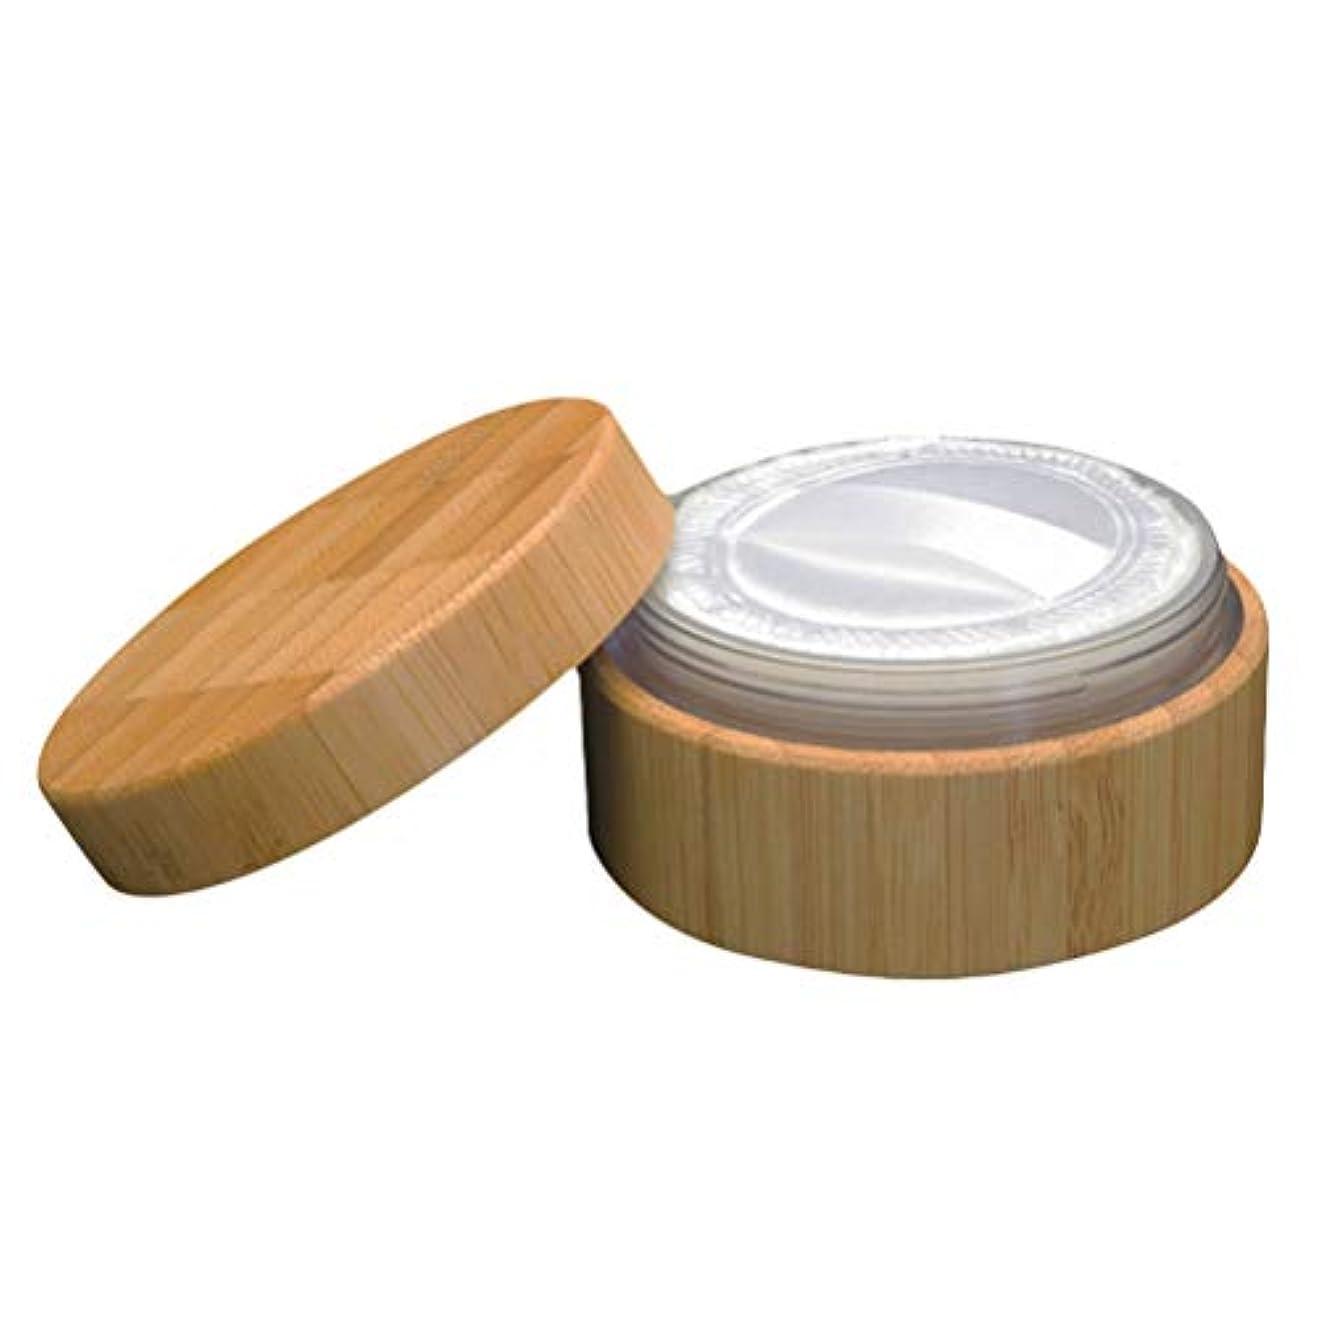 単なるパケット抜け目がないFrcolor 空のパウダーケース 竹製 ??化粧品 diy 詰み替え容器 メイクスポンジホルダー 蓋とパウダーパフ付き 30ml